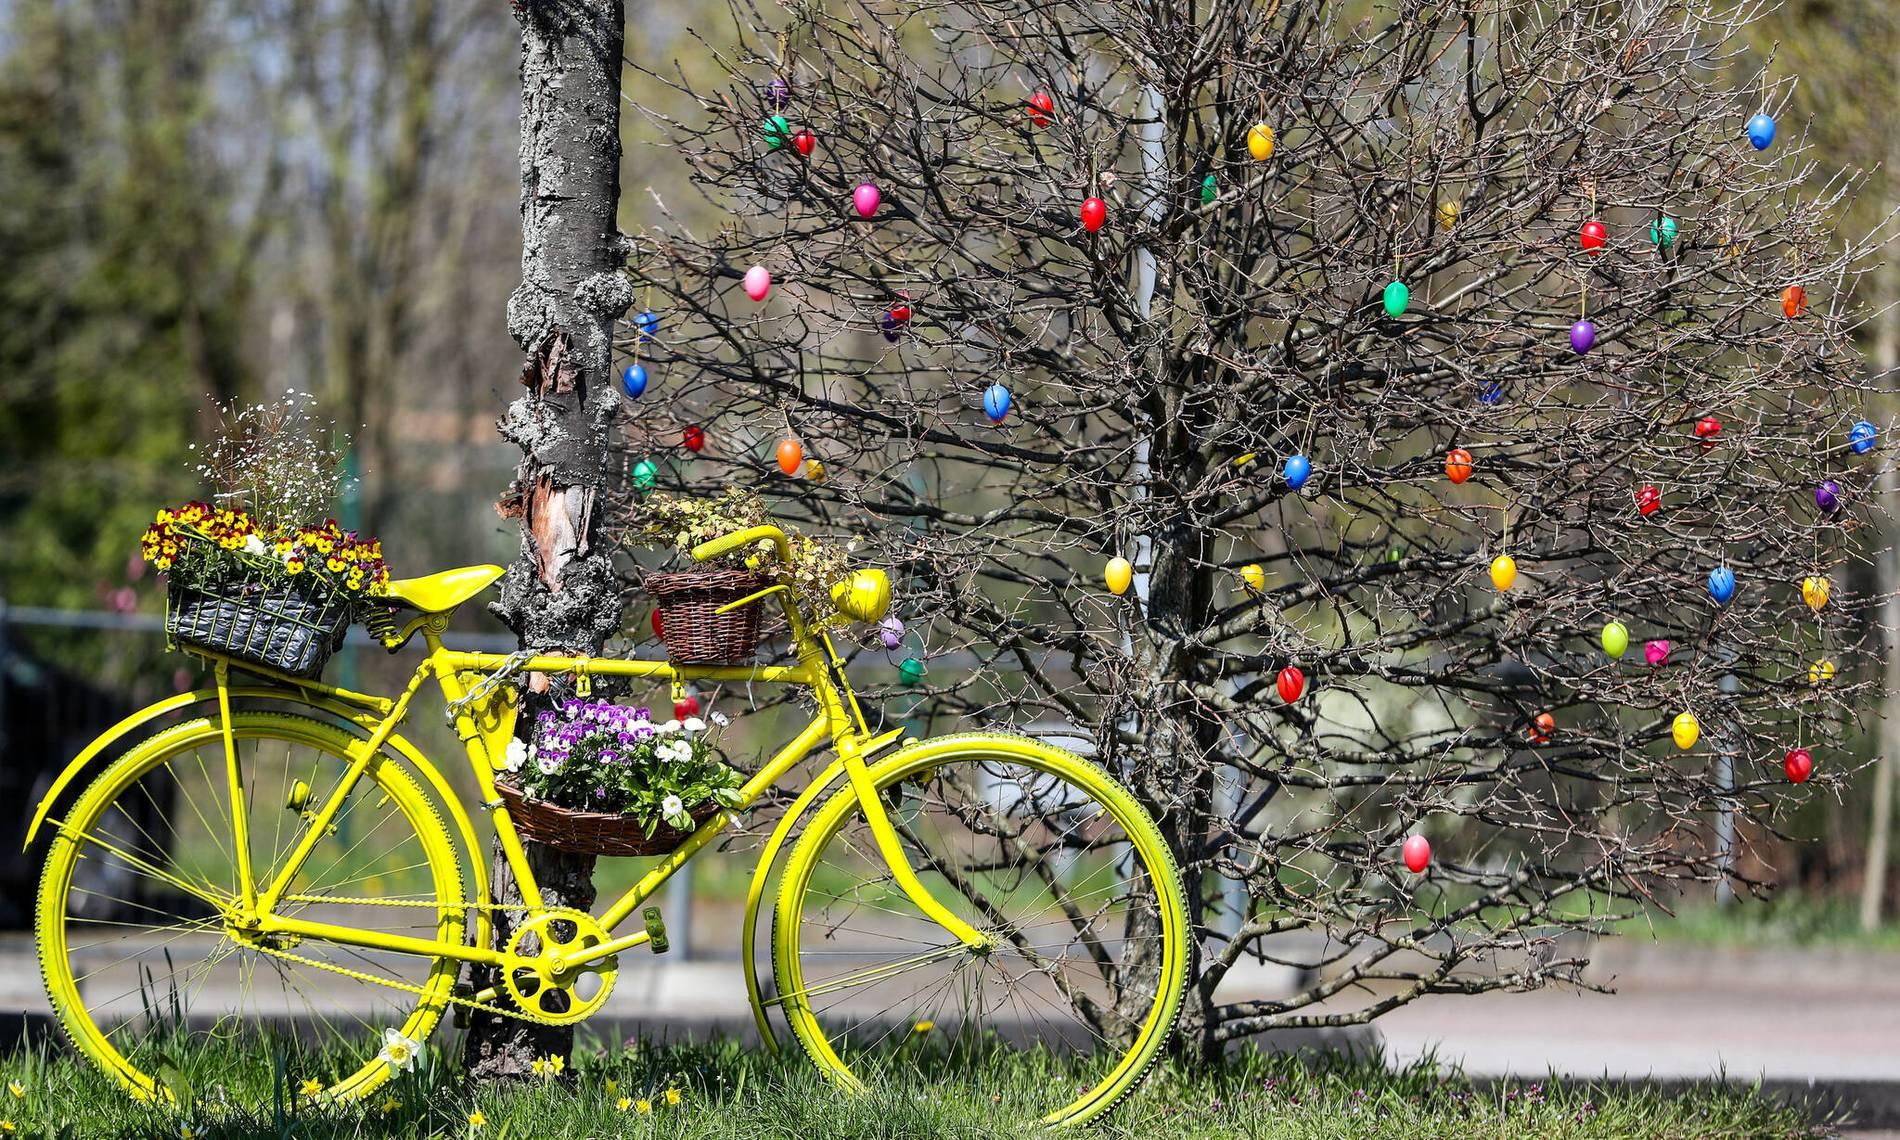 Frohe Weihnachten Wikipedia.Feiertage In Deutschland Ostern Weihnachten Und Frauentag